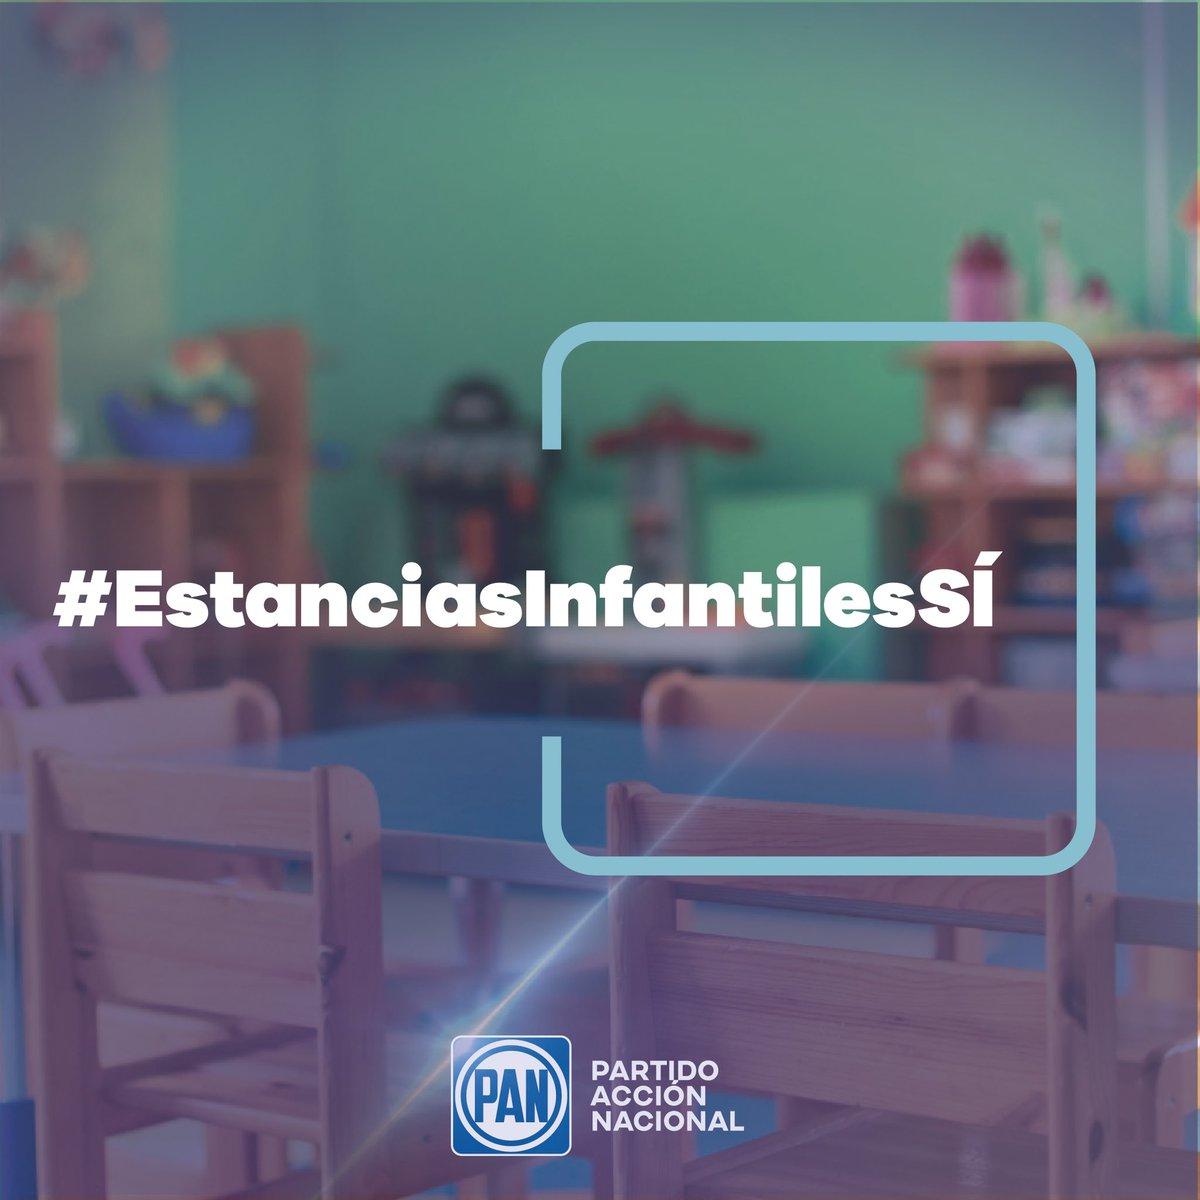 Como ya lo habíamos denunciado, cancelar las #EstanciasInfantilesSÍ viola los derechos de la niñez de #México, y por ello la @CNDH emitió una recomendación que el @GobiernoMX debe acatar y regresar el programa a todo el país.